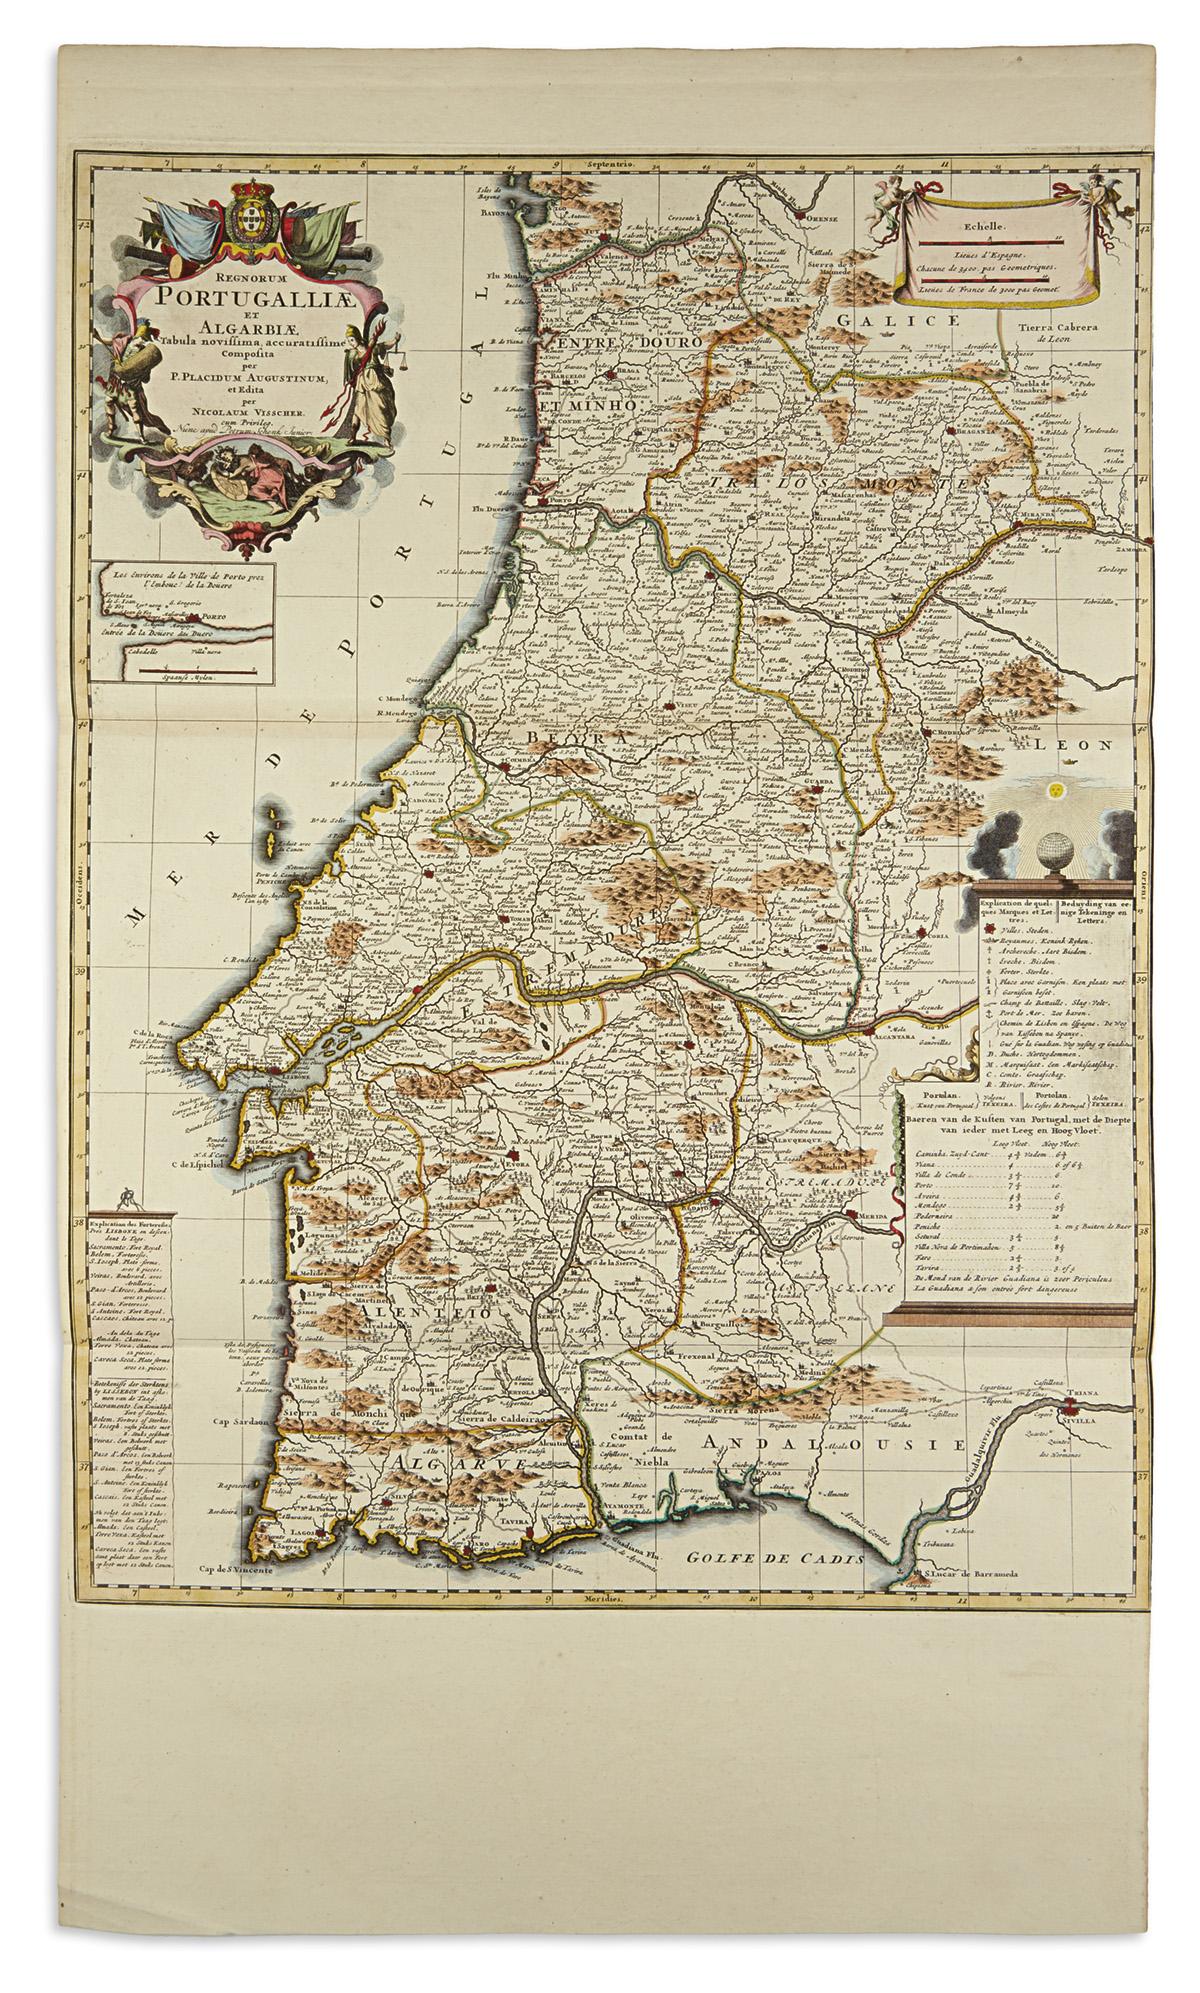 VISSCHER-NICOLAS-after-Regnorum-Portugalliae-et-Algarbiae